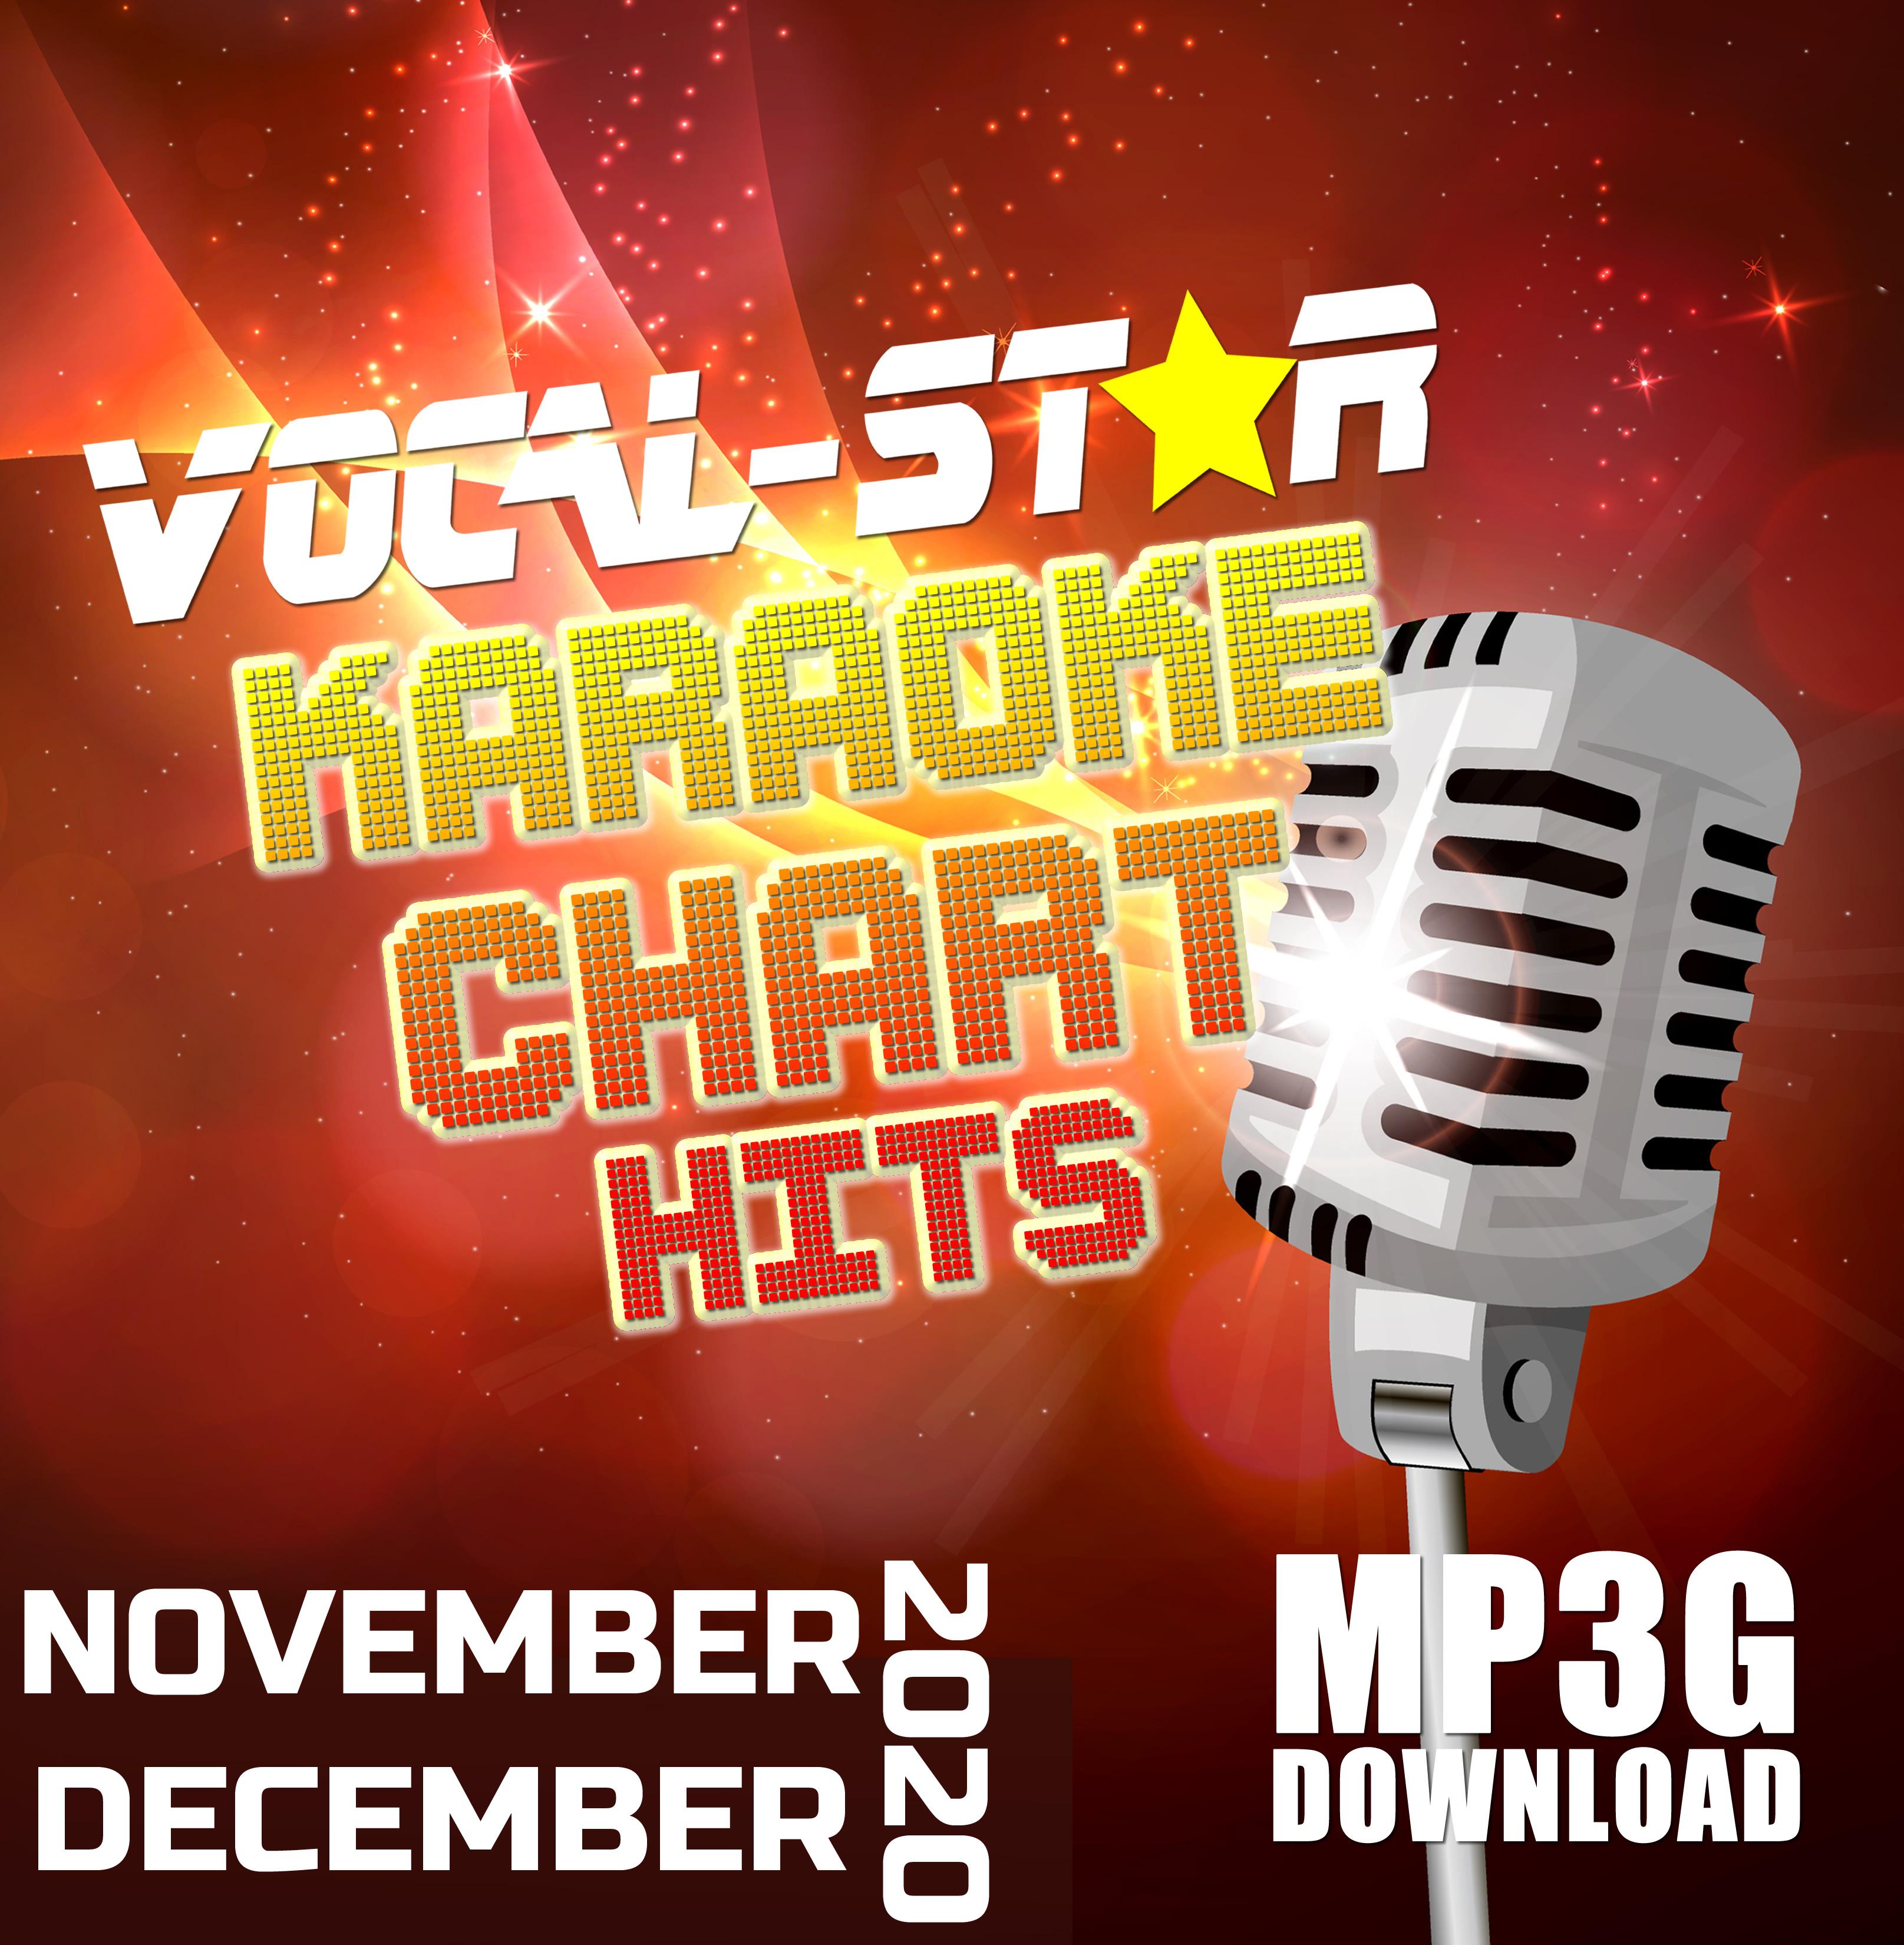 Vocal-Star November & December 2020 Hits Digital Download